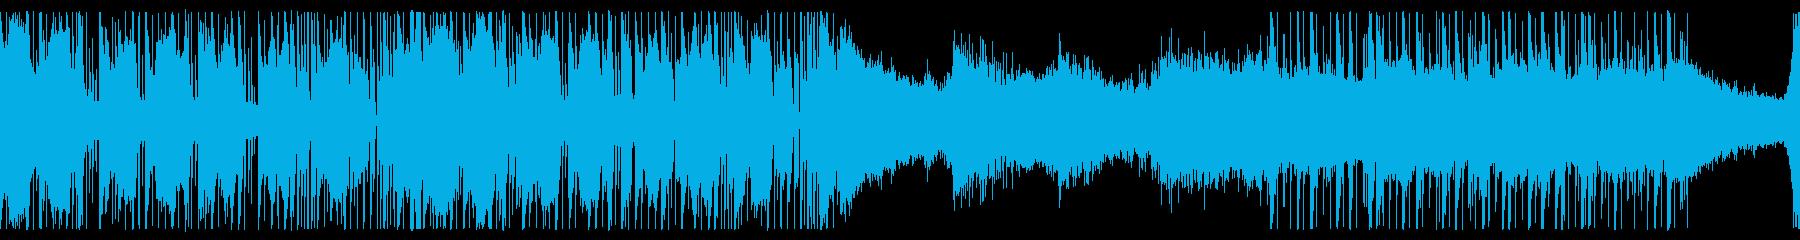 実験的な フューチャ ベース アク...の再生済みの波形